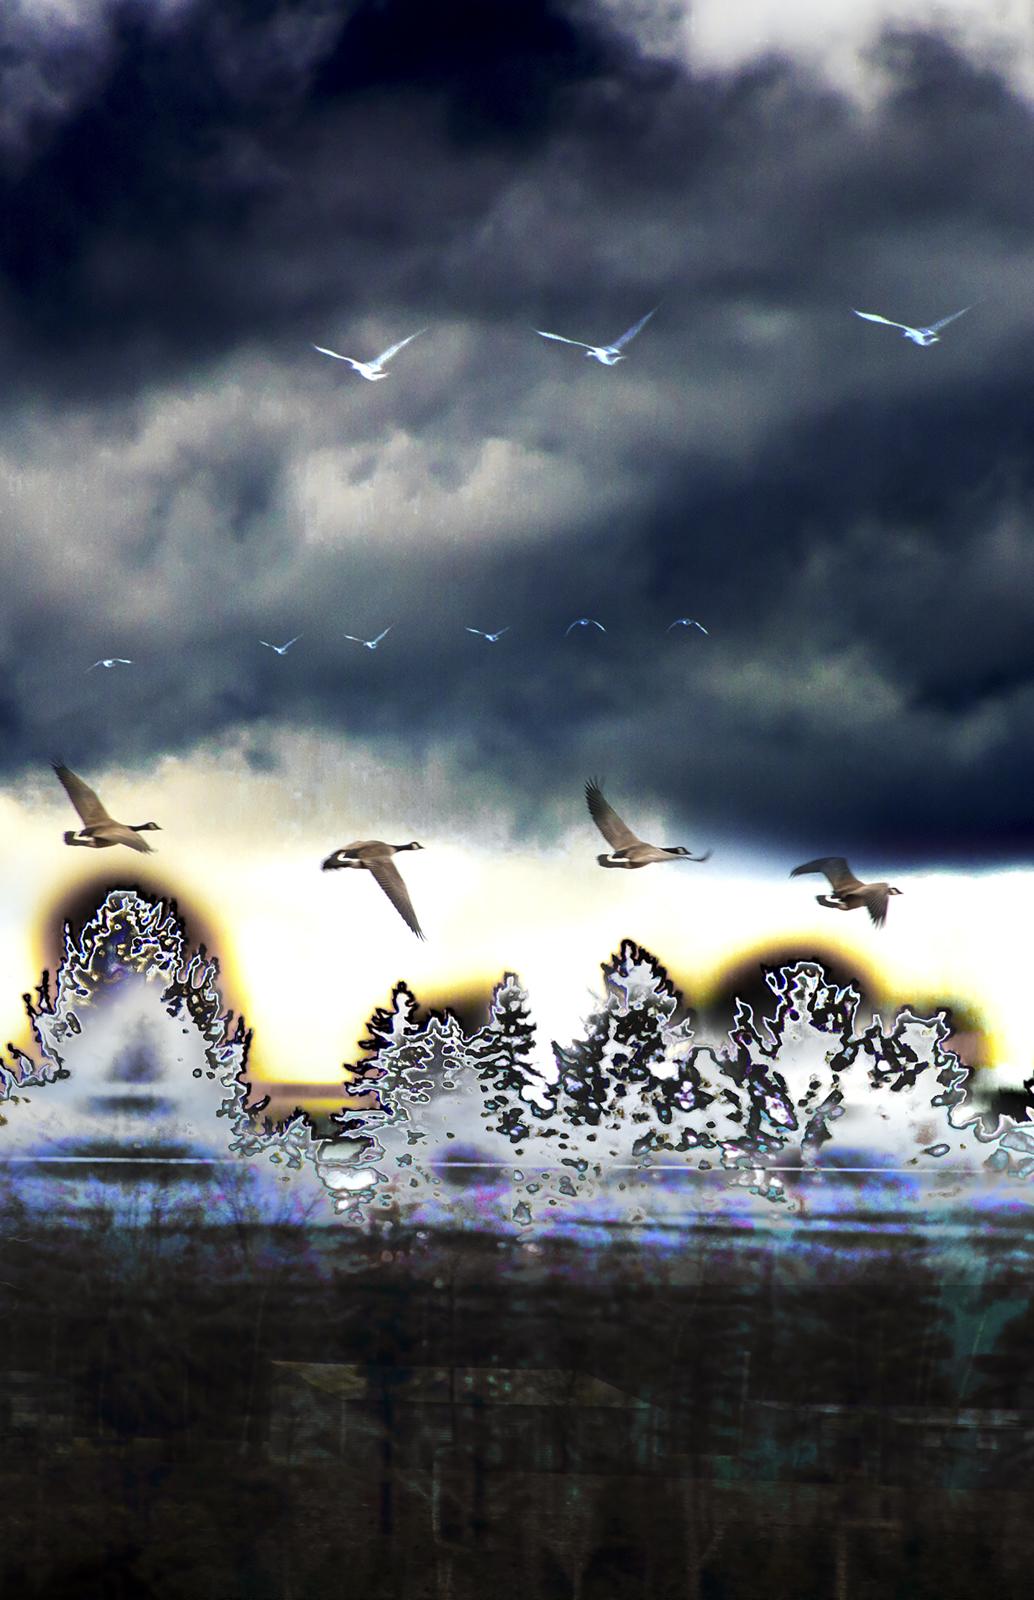 Un peu plus haut 30x46 de Marjorie art représentant de manière abstraite l'envolée des oies